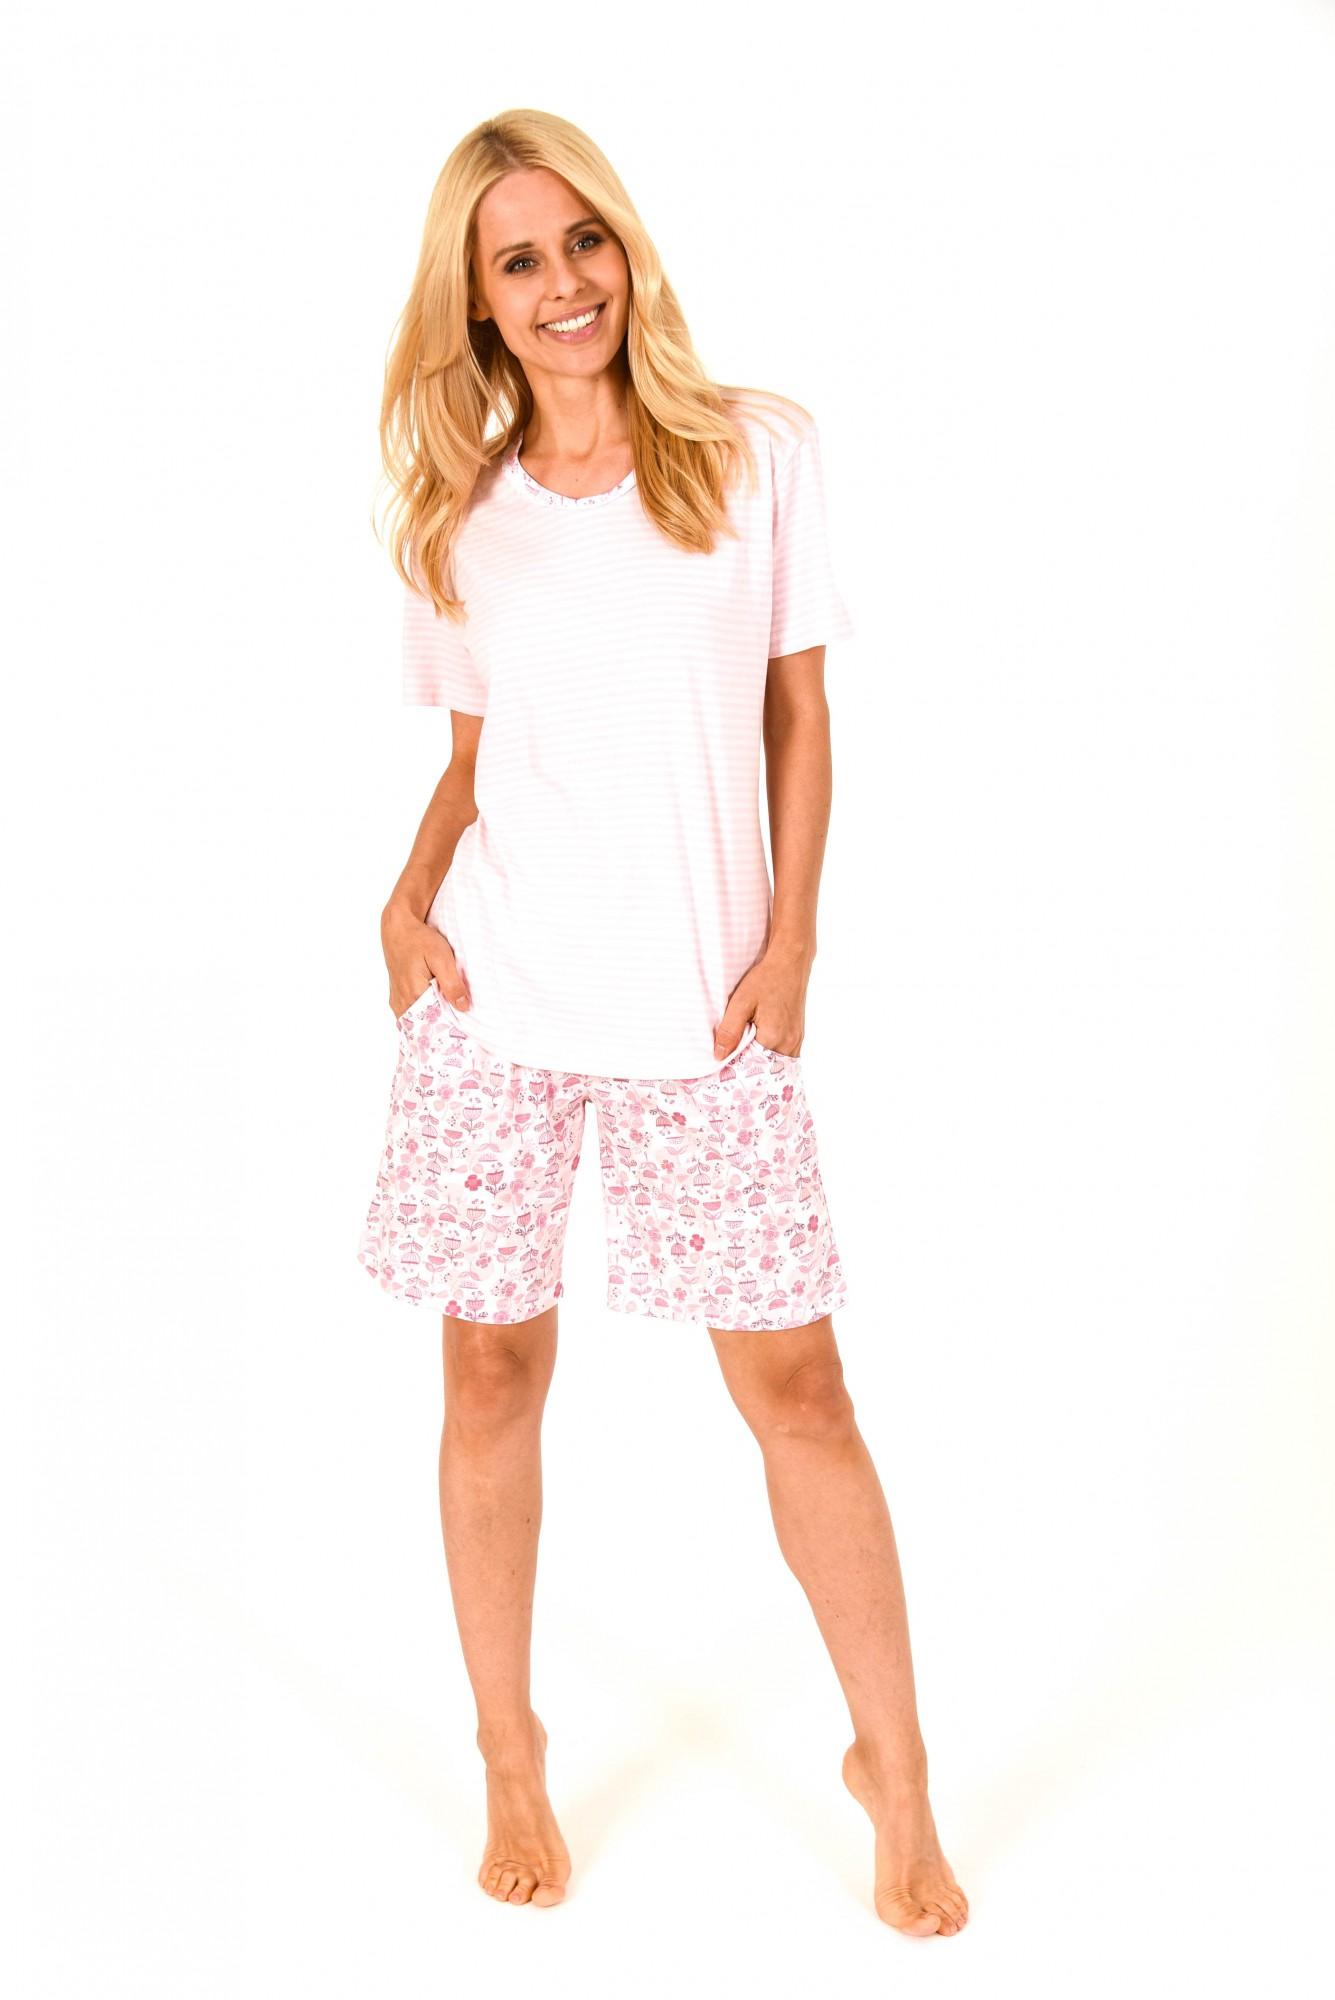 Toller Damen Shorty Pyjama kurzarm in Streifenoptik – 171 205 90 838